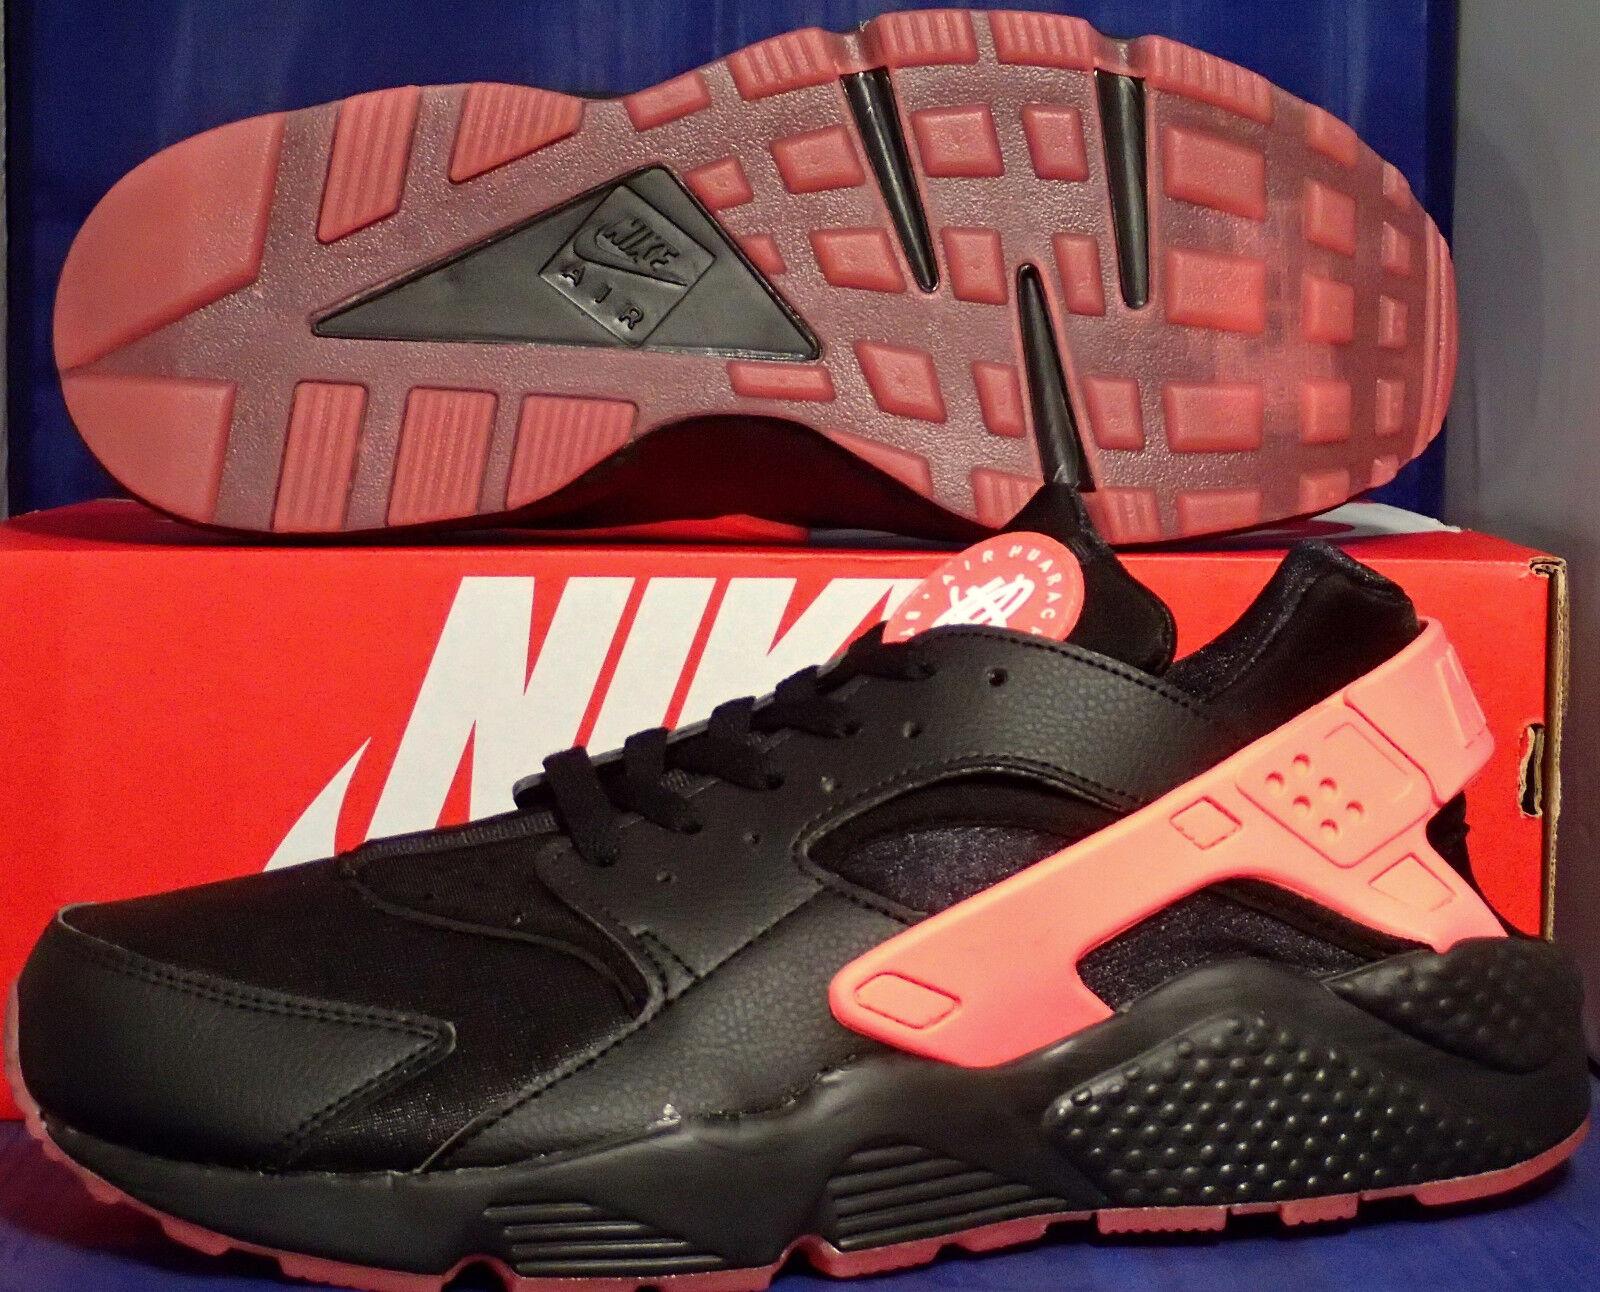 Nike Air Huarache Huarache Huarache Run iD Noir Hot Lava SZ 11.5 629b1f